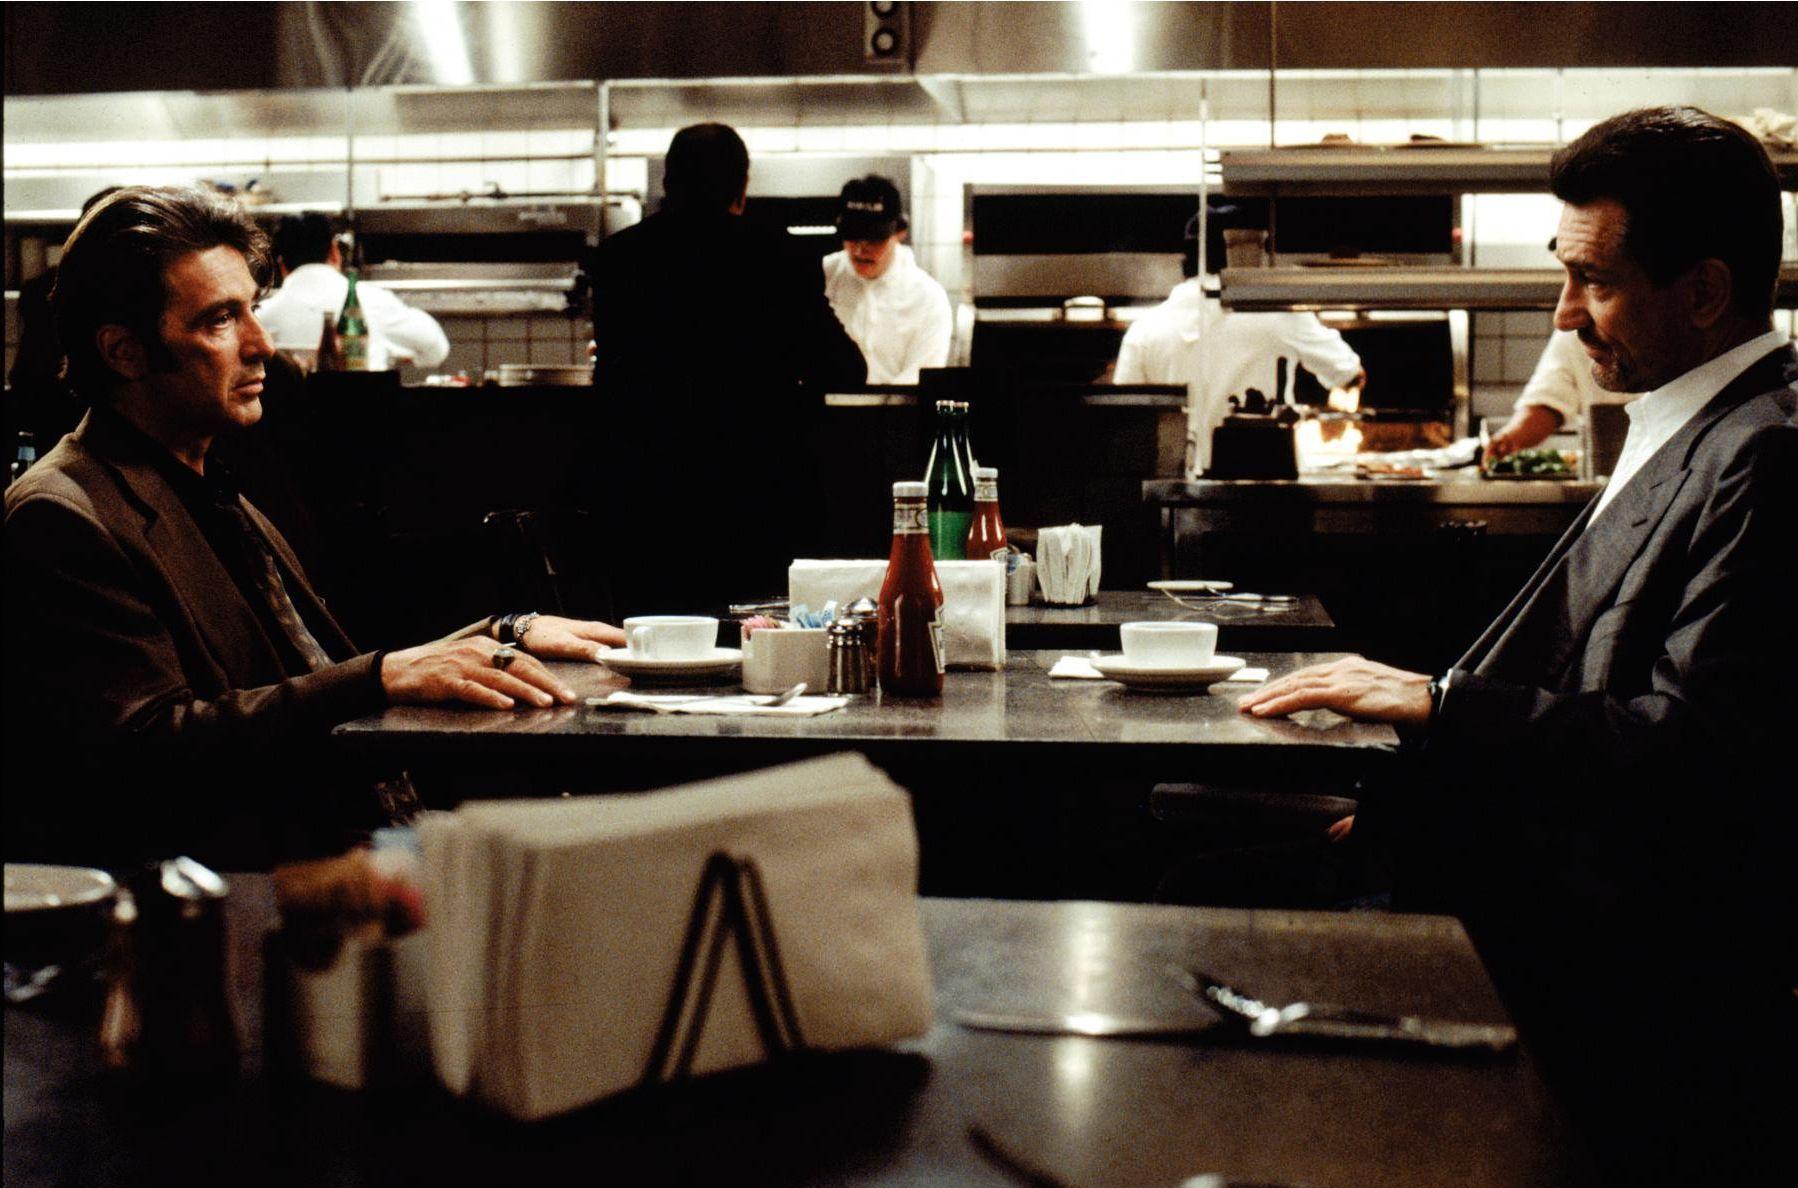 Les 10 meilleurs duos du cinéma d'action qui ont marqué le genre ! Par Demotivateur avec Hitman & Bodyguard  Robert-de-niro-and-al-pacino-in-heat-1995-large-picture